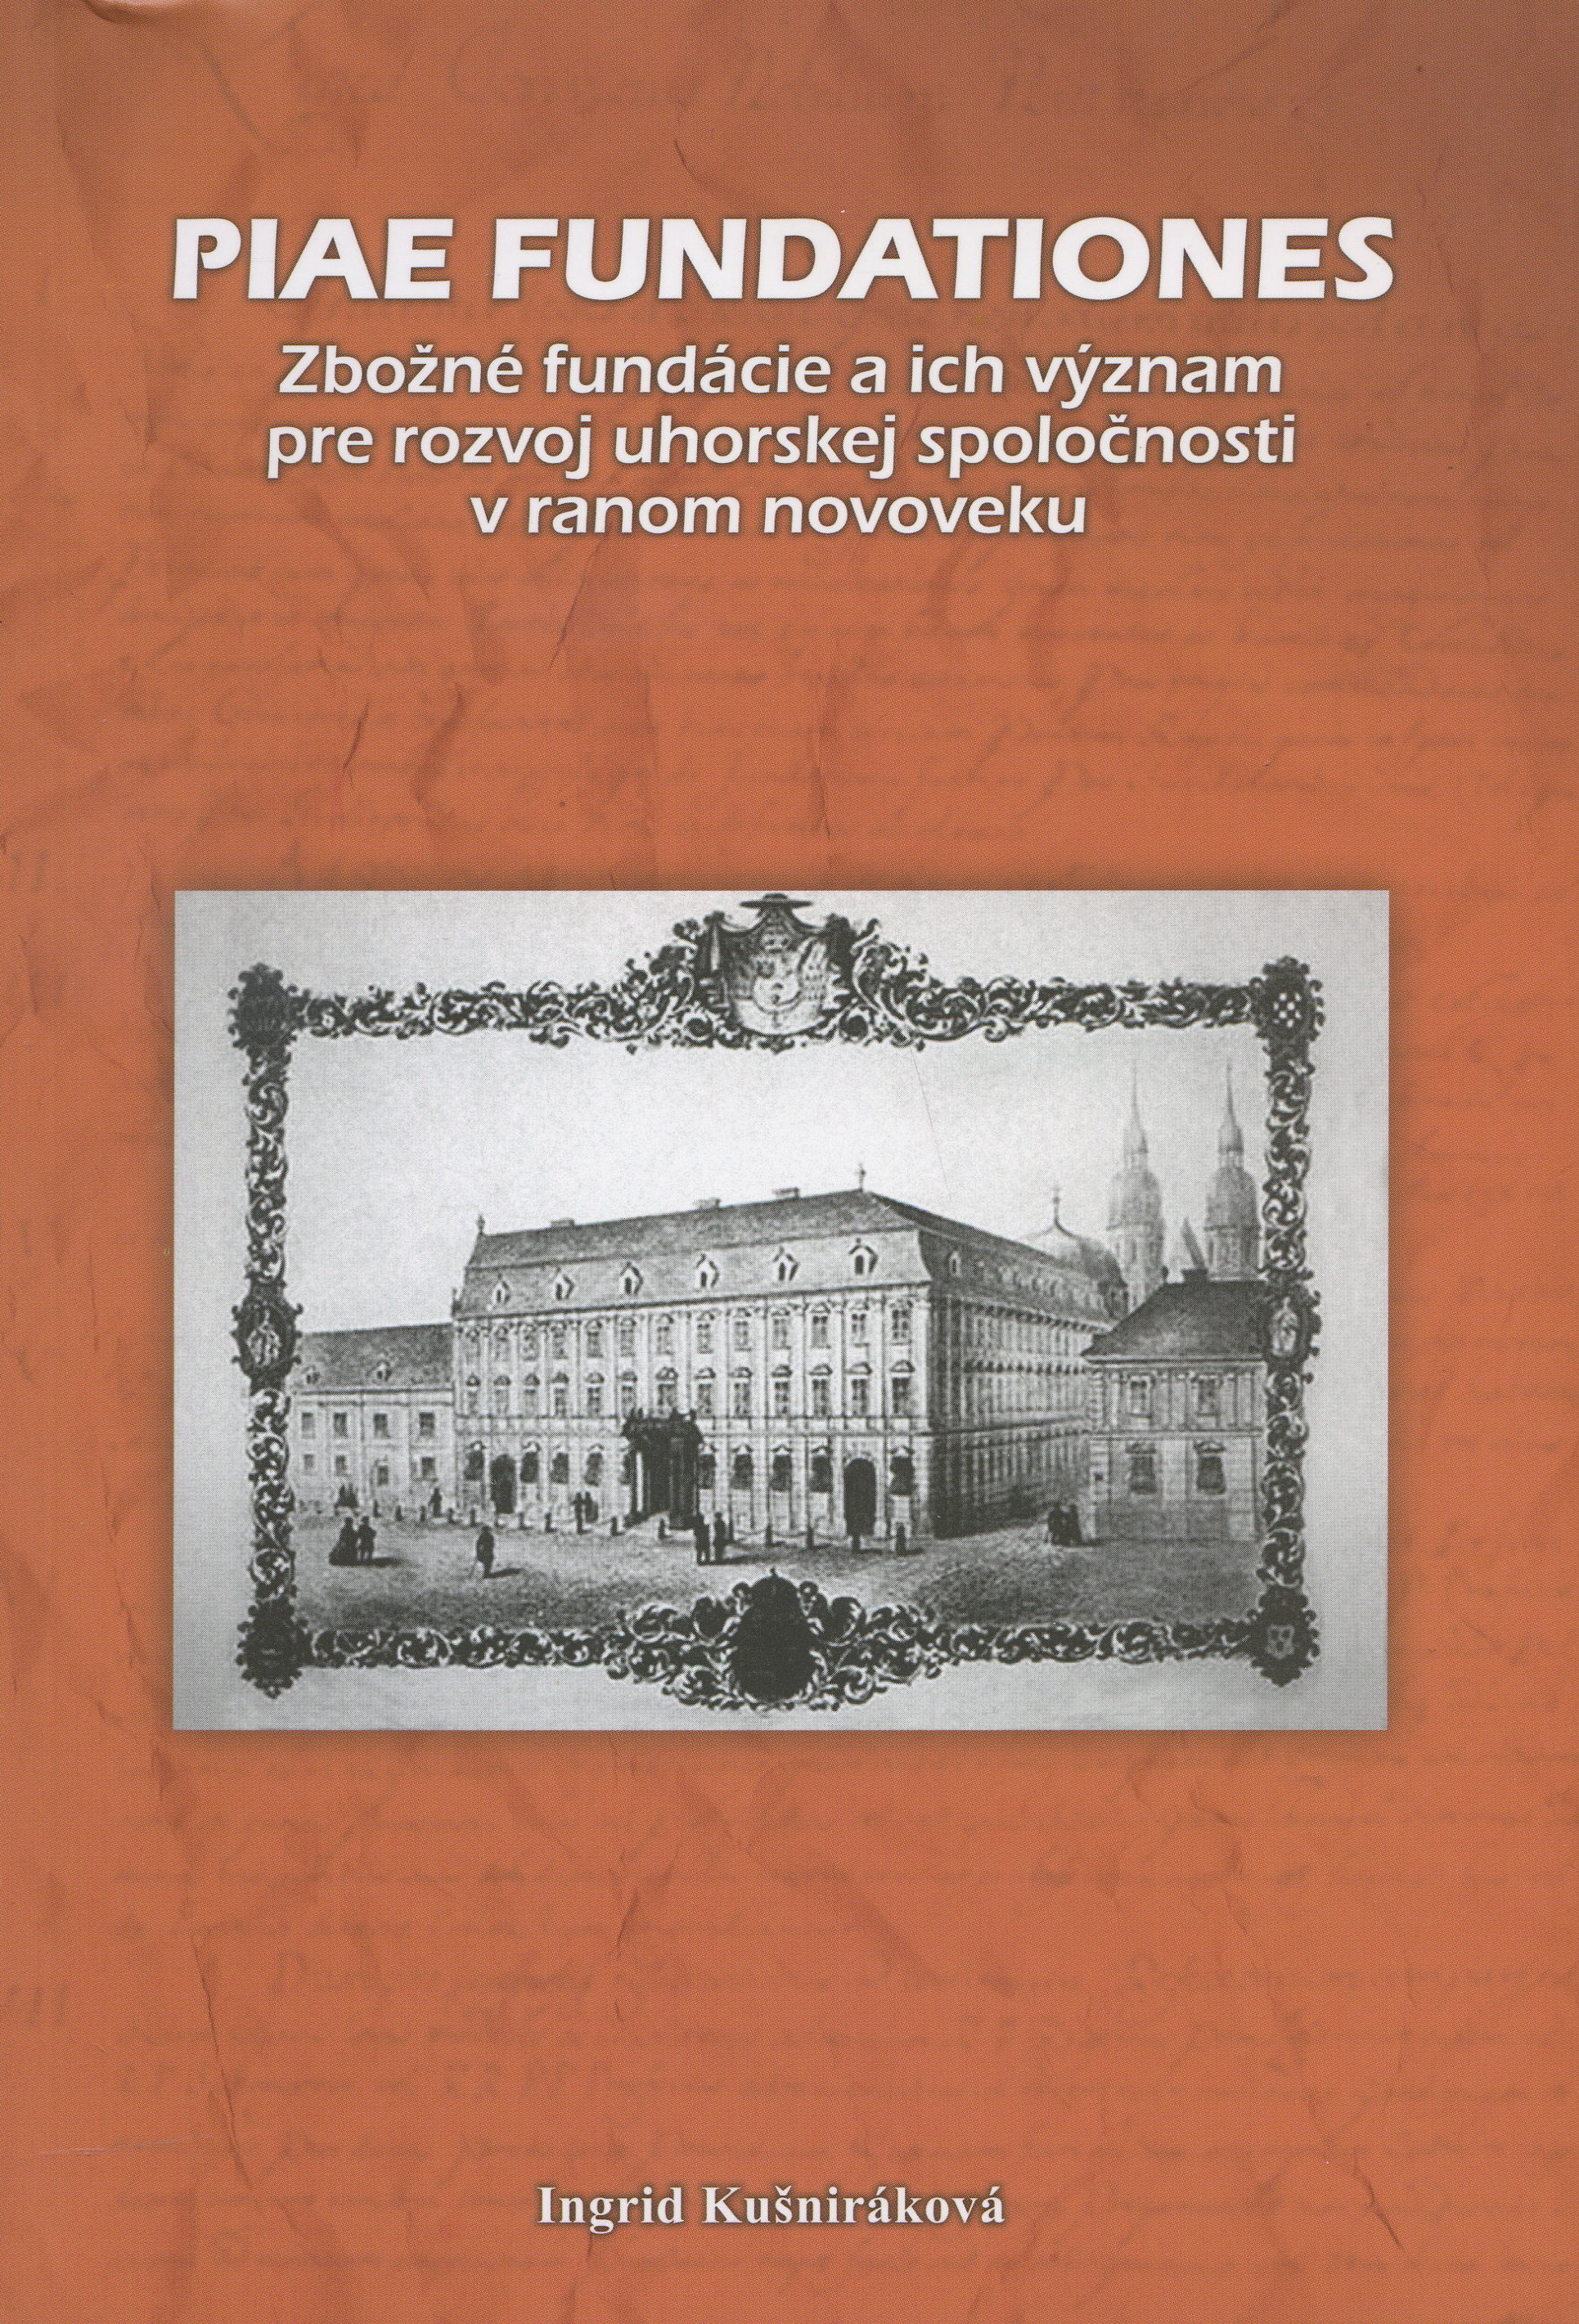 Piae Fundationes - zbožné fundácie a ich význam pre rozvoj uhorskej spoločnosti v ranom novoveku